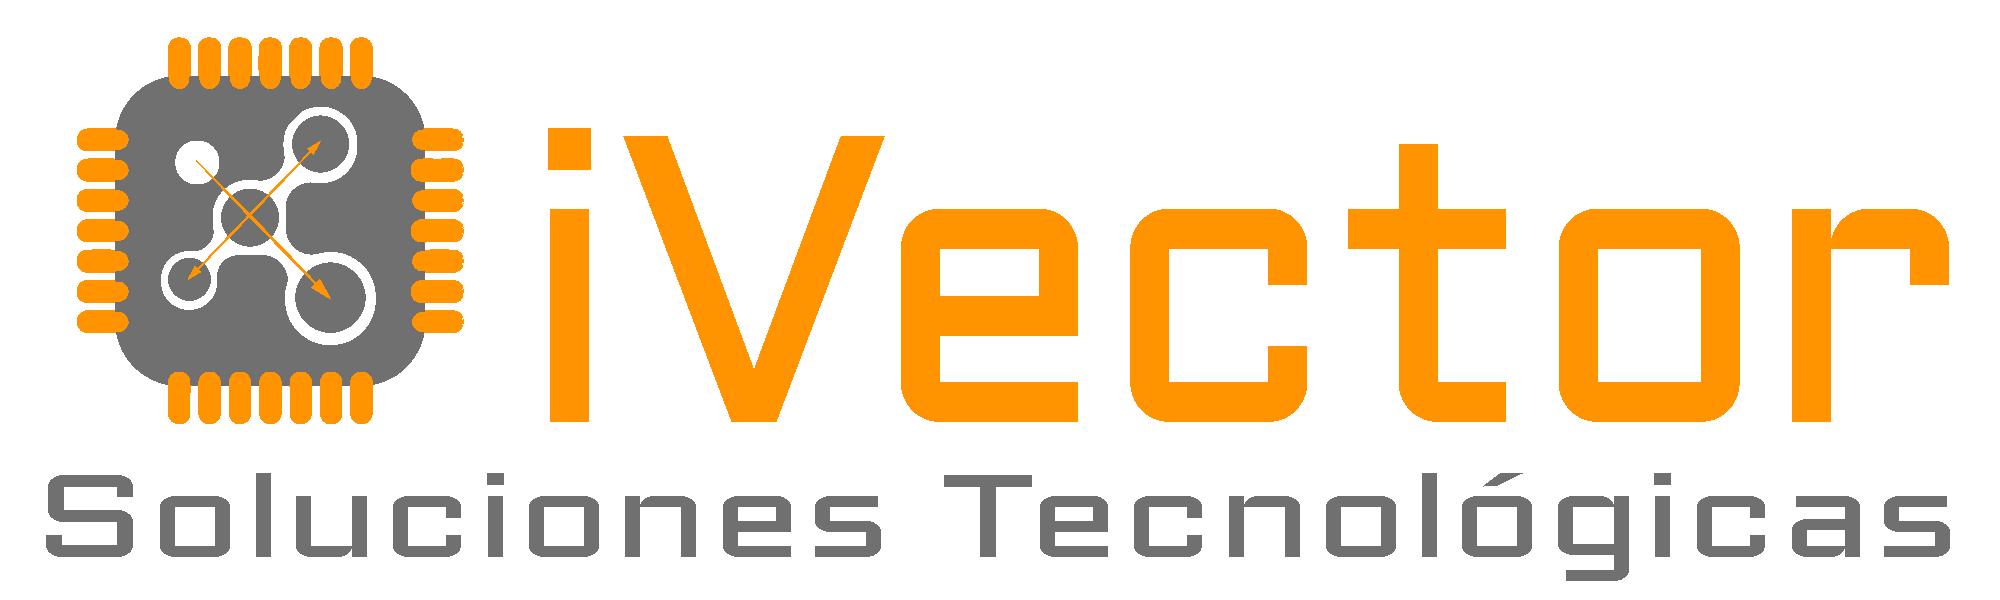 iVector Soluciones